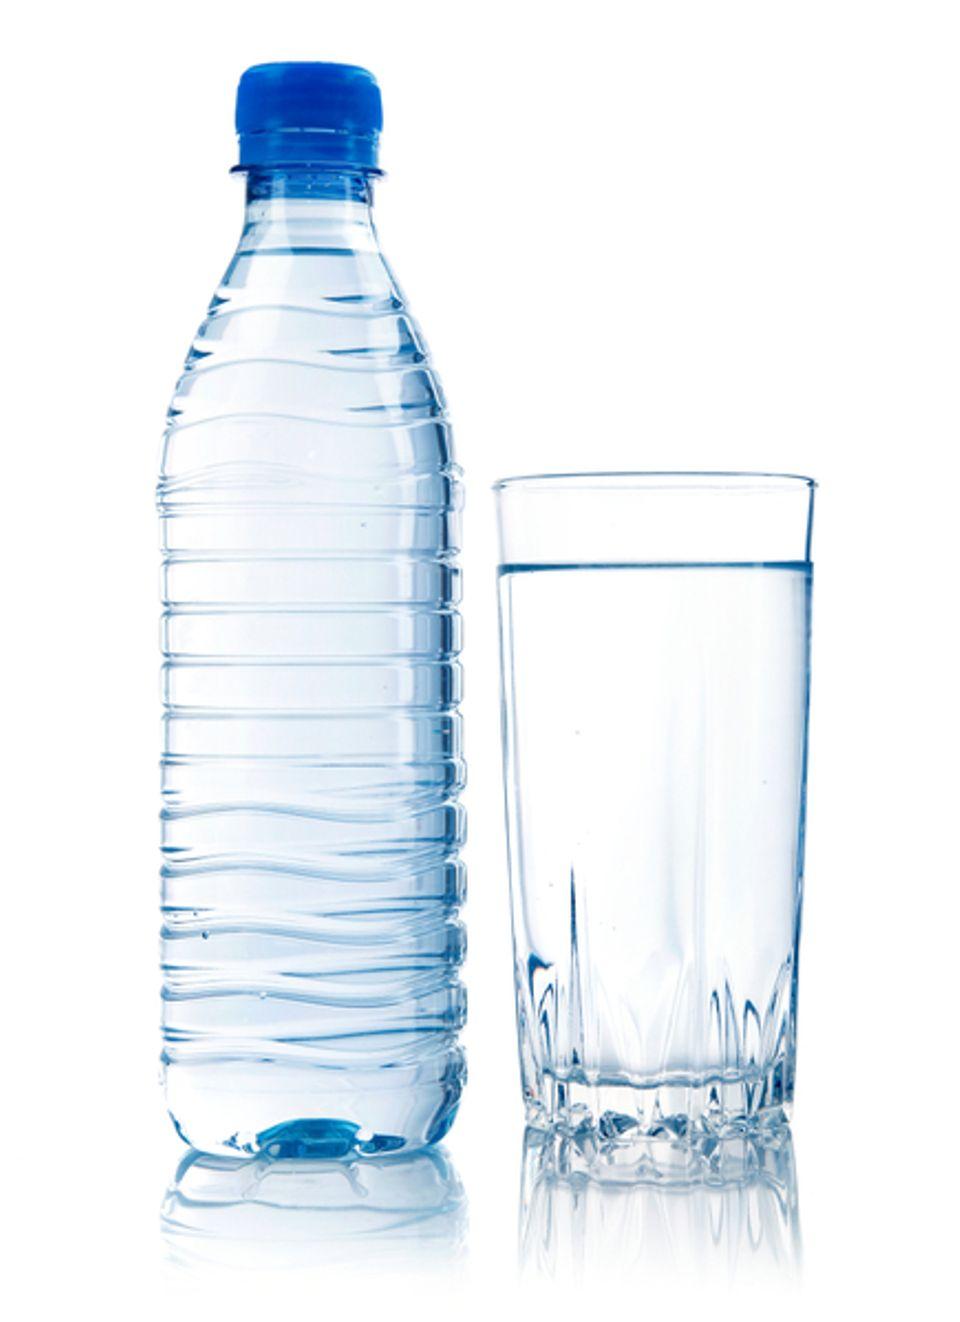 自製運動飲料 | JIBAO - 洞悉教材的趨勢